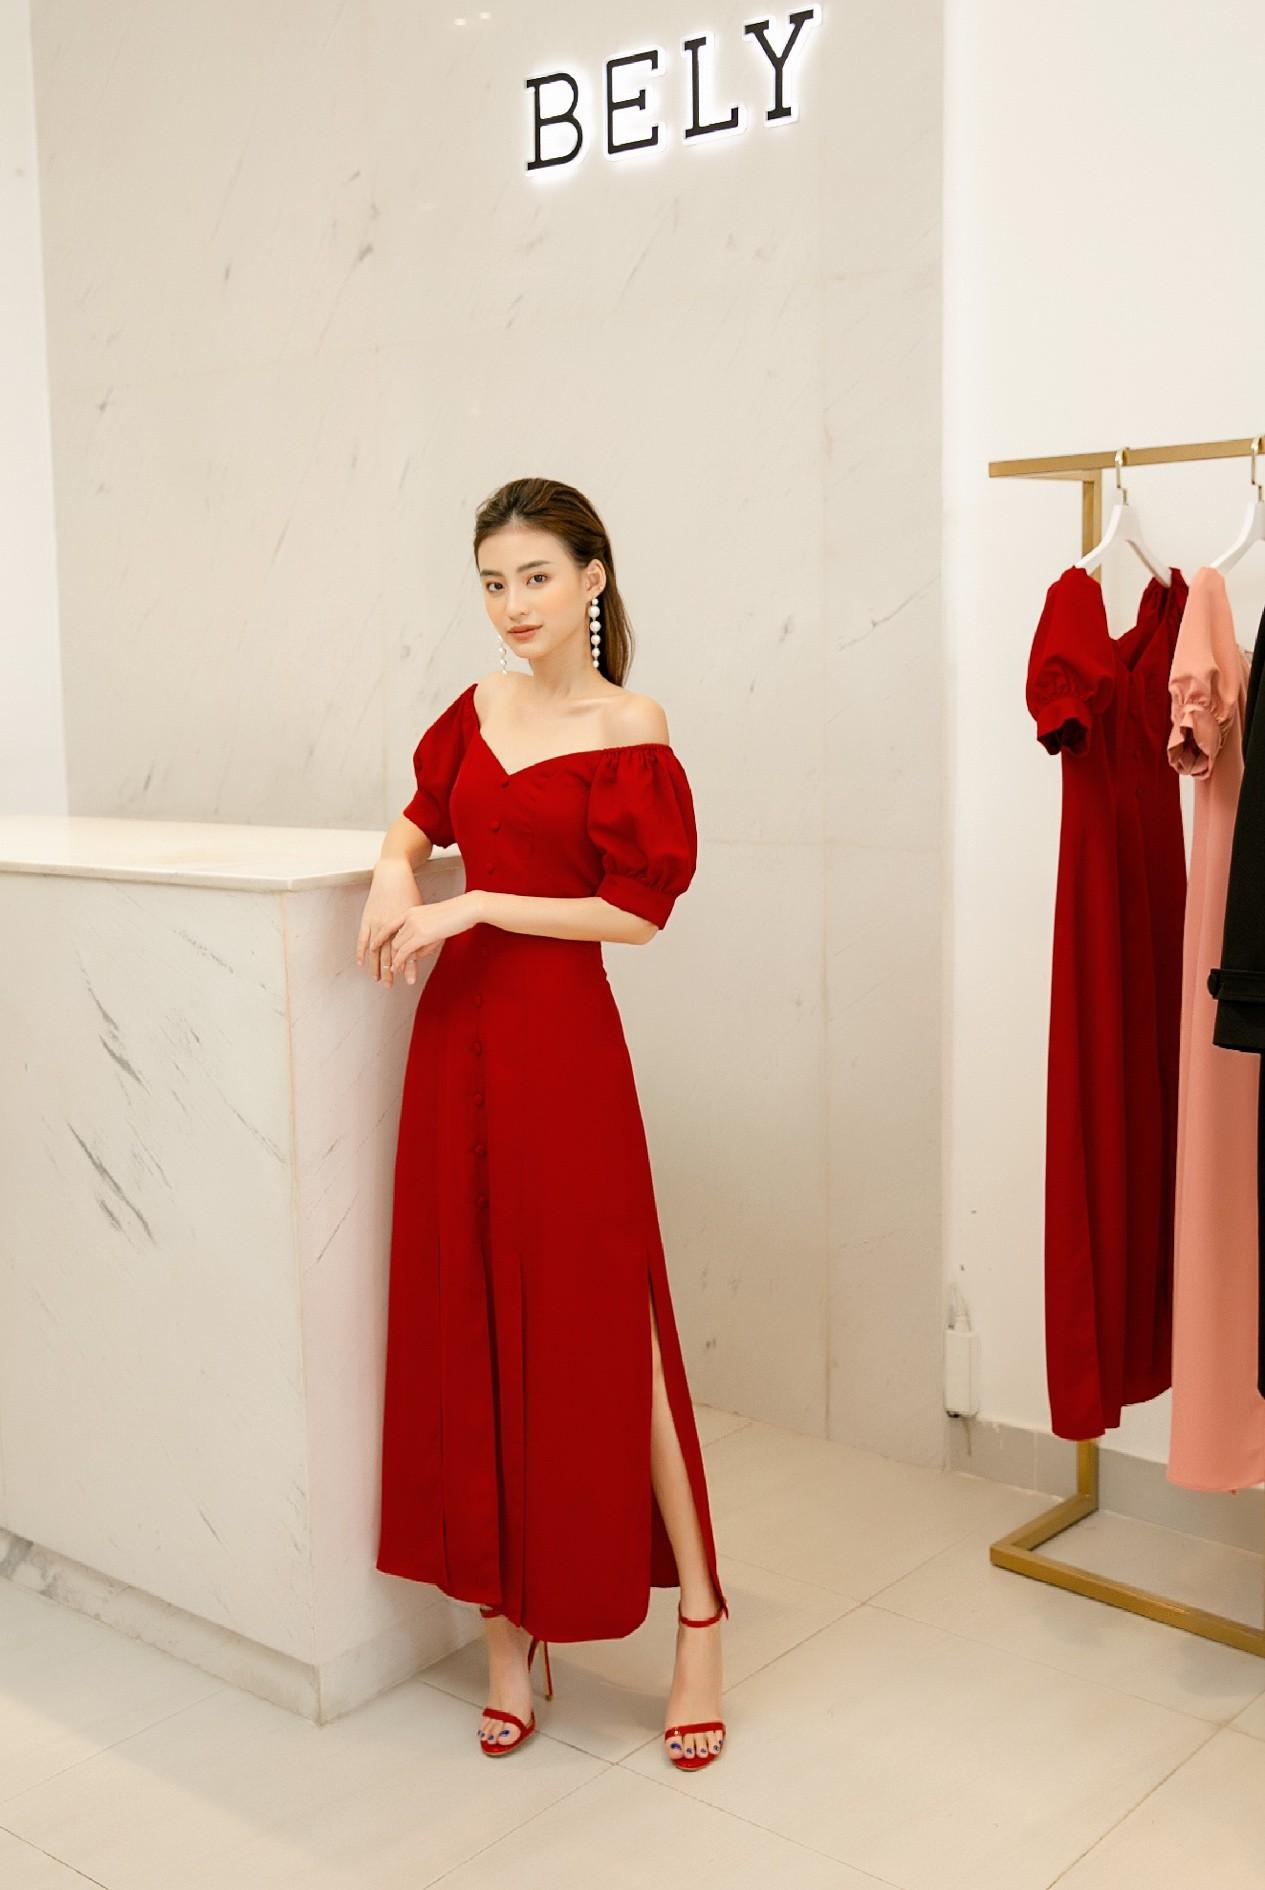 Dàn mỹ nhân Việt đồng loạt đụng hàng mẫu váy siêu hot của thời trang BELY - Ảnh 6.